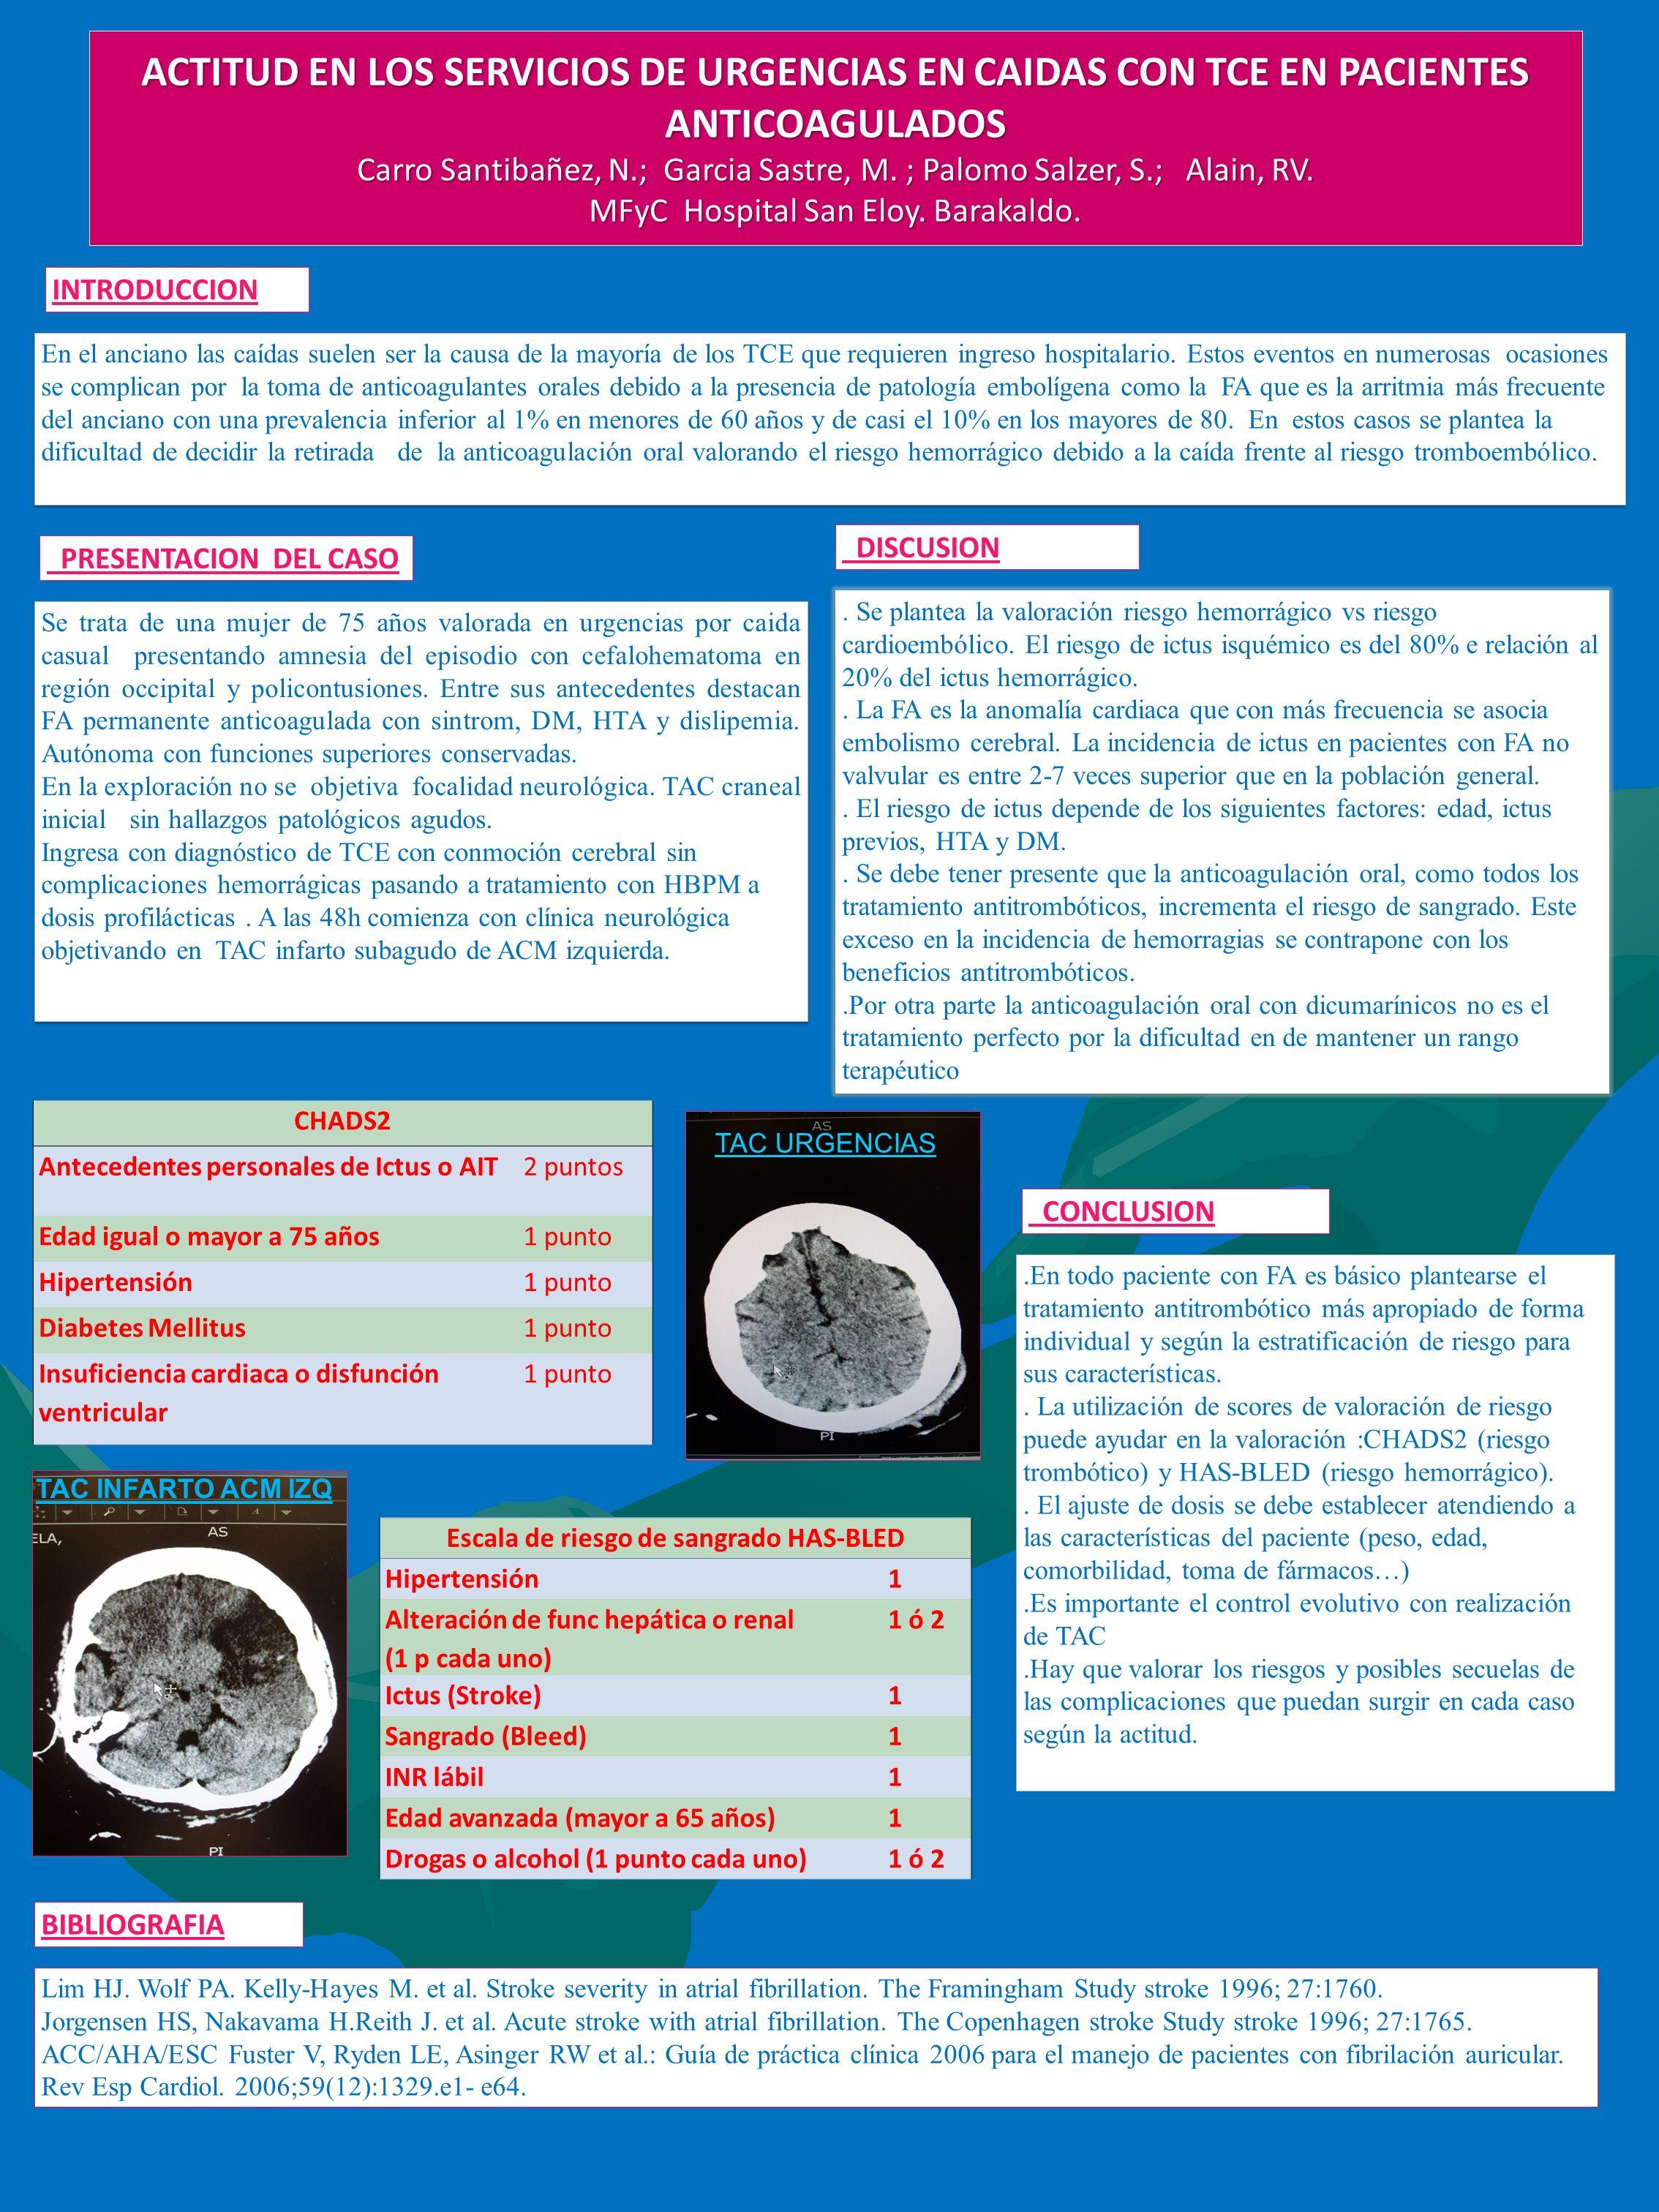 ACTITUD EN LOS SERVICIOS DE URGENCIAS EN CAIDAS CON TCE EN PACIENTES ANTICOAGULADOS Carro Santibañez, N.; Garcia Sastre, M. ; Palomo Salzer, S.; Alain